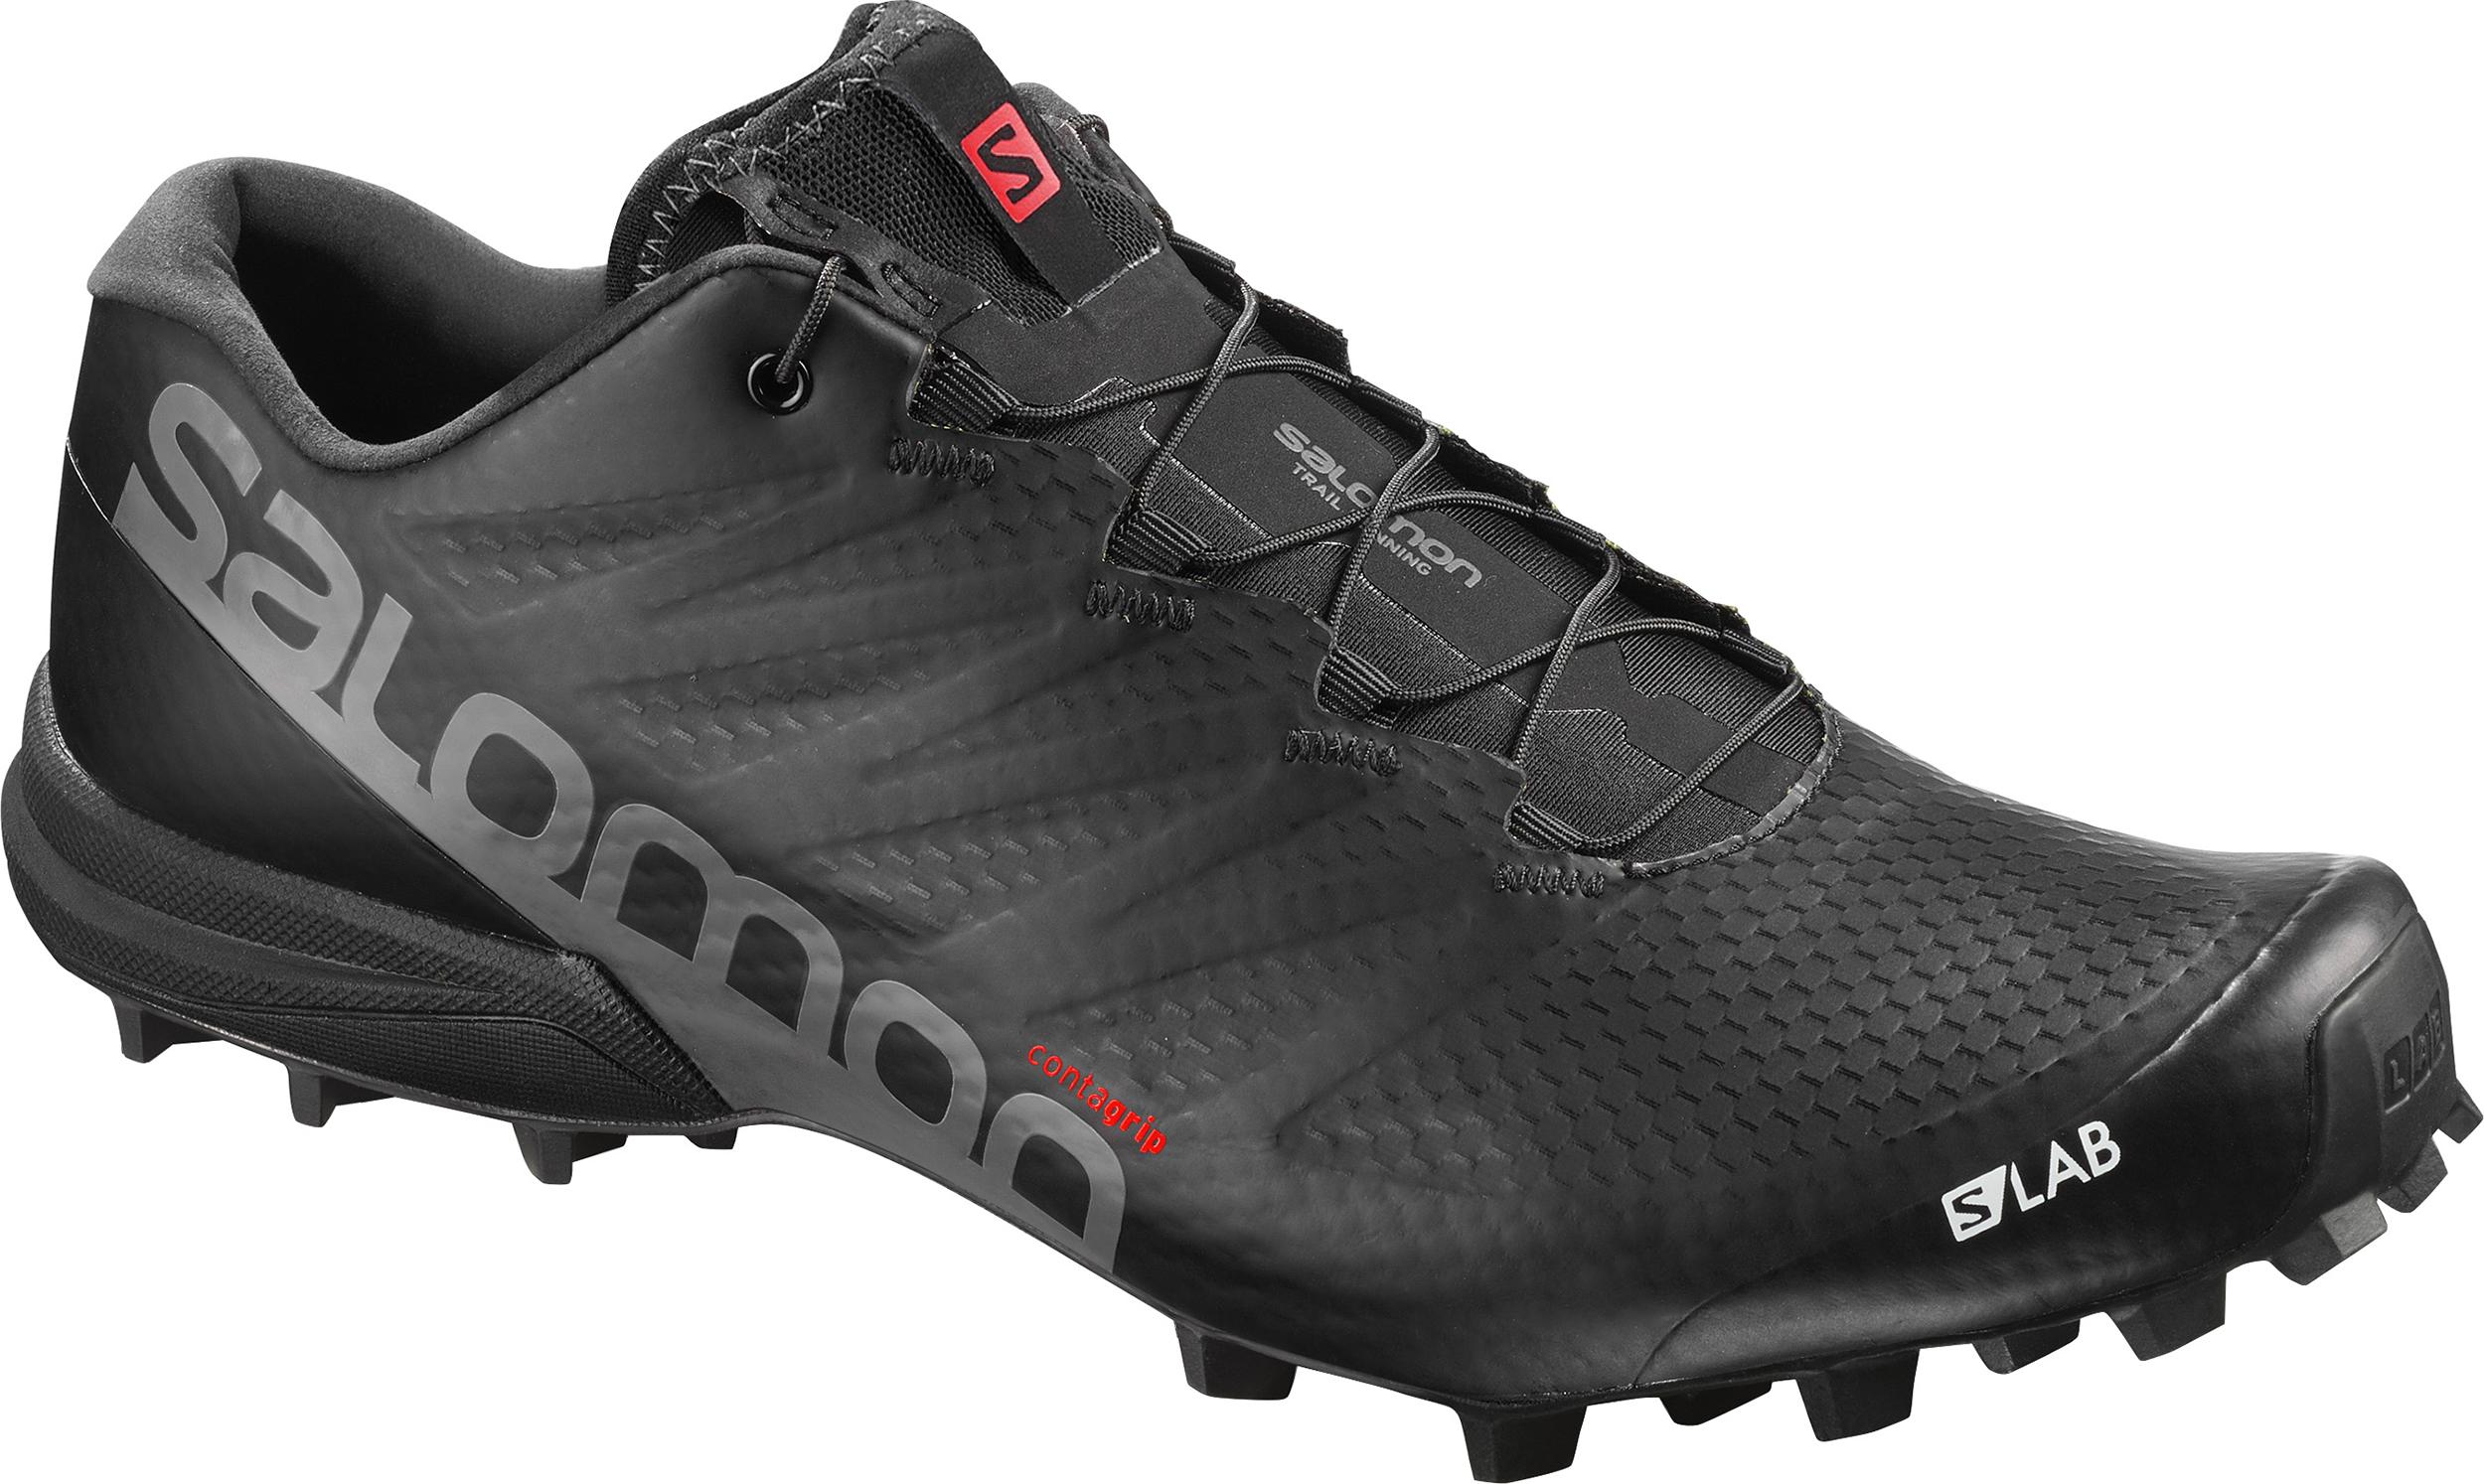 Salomon S/LAB Speed 2 Trail Running